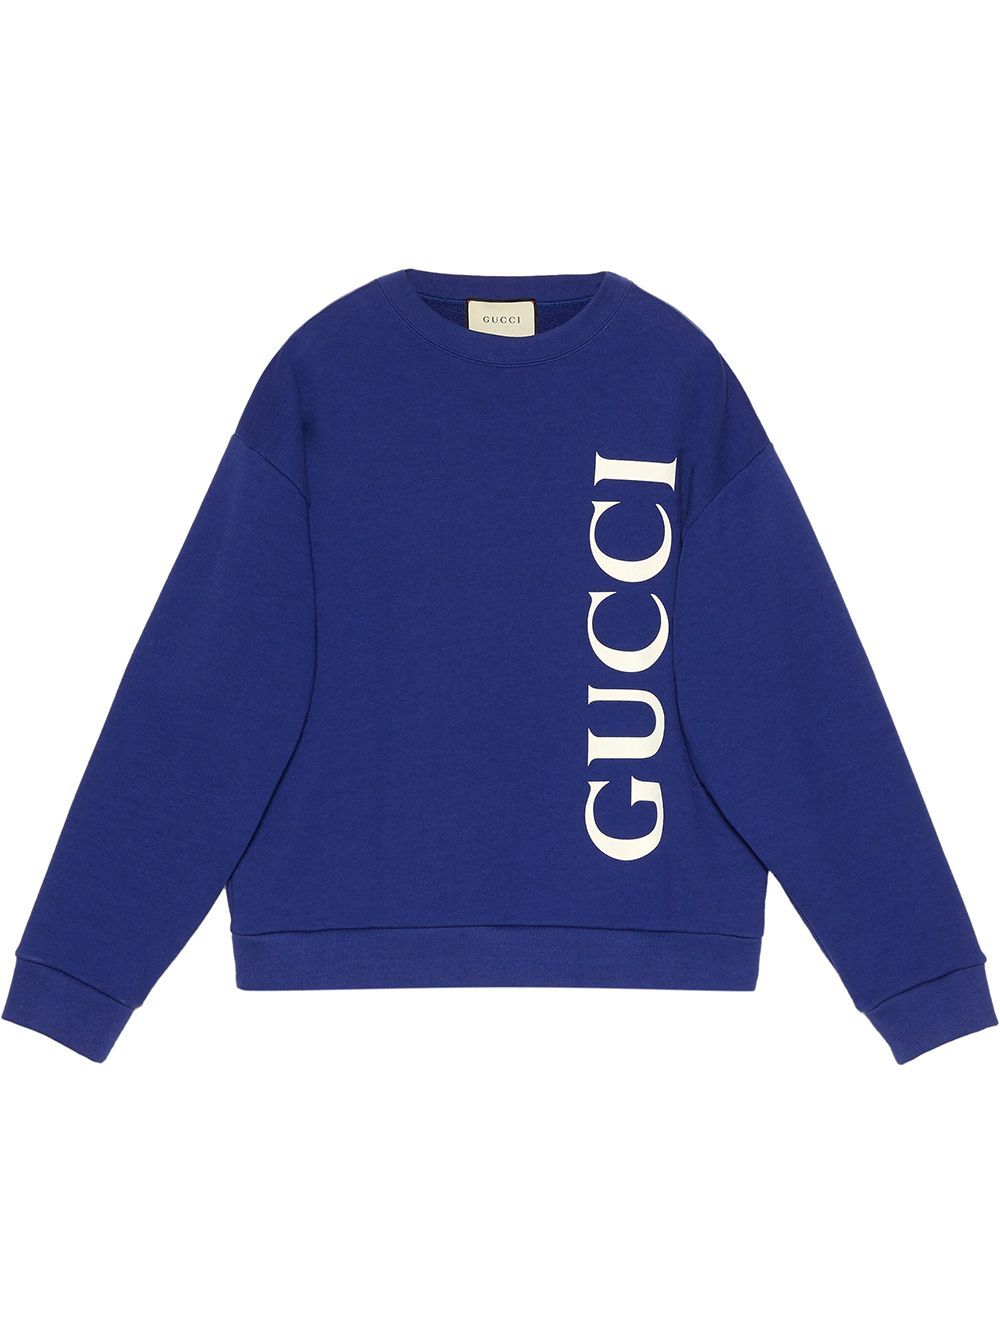 felpa blu oversize con logo Gucci verticale GUCCI | Maglieria Moda | 599345-XJB1C4118